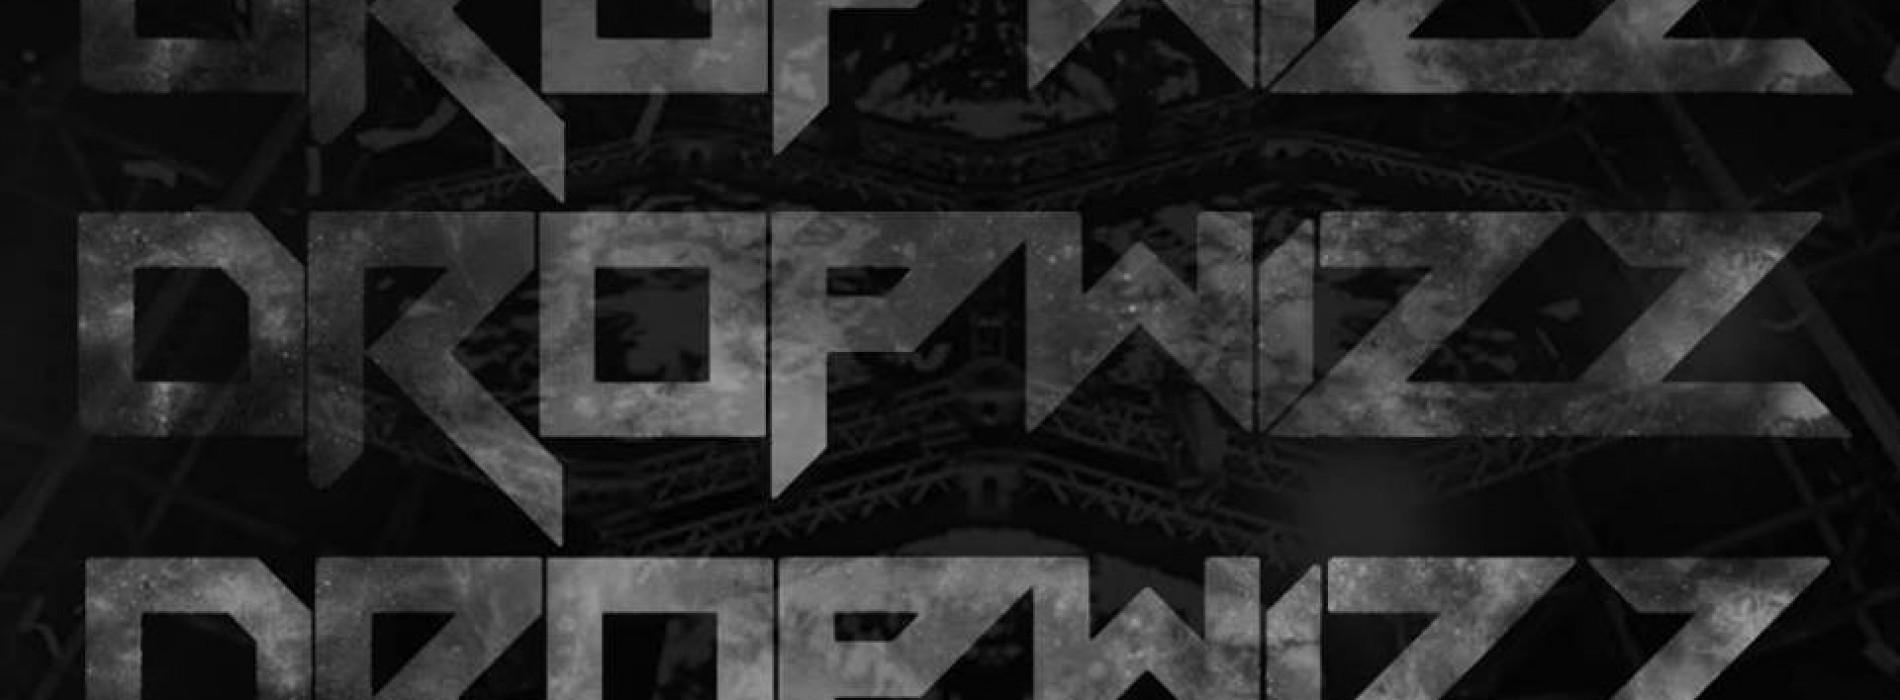 Jay Hardway & Mike Hawkins – Freedom (Dropwizz Trap Remix)